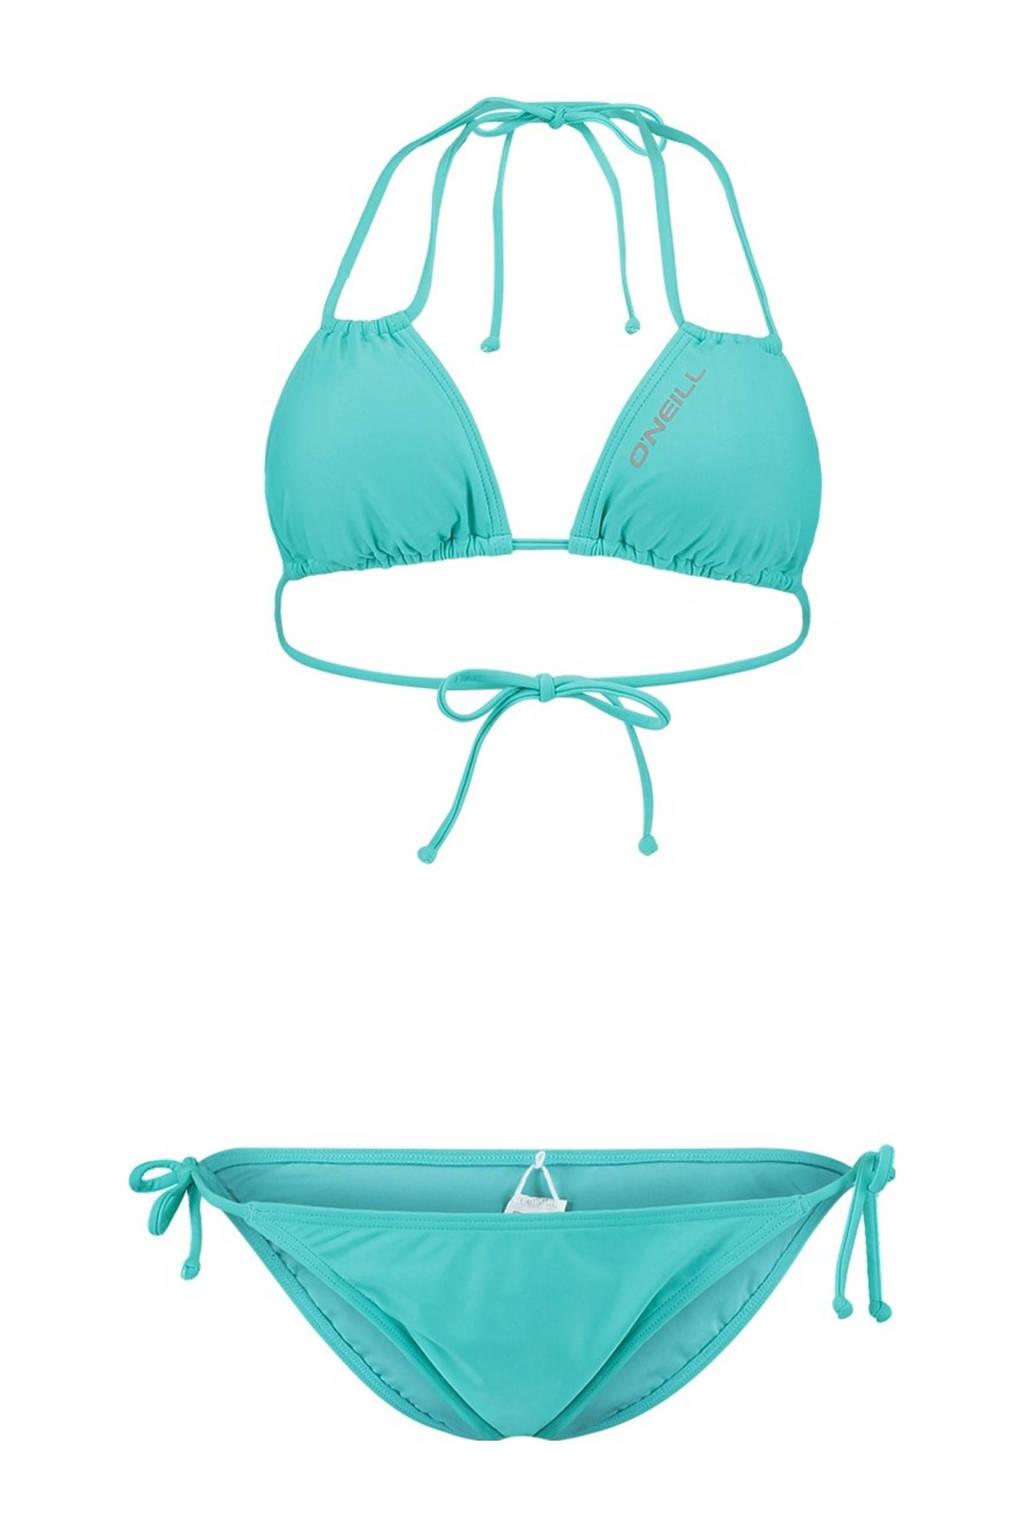 O'Neill triangel bikini Capri Bondey lichtblauw, Turquoise